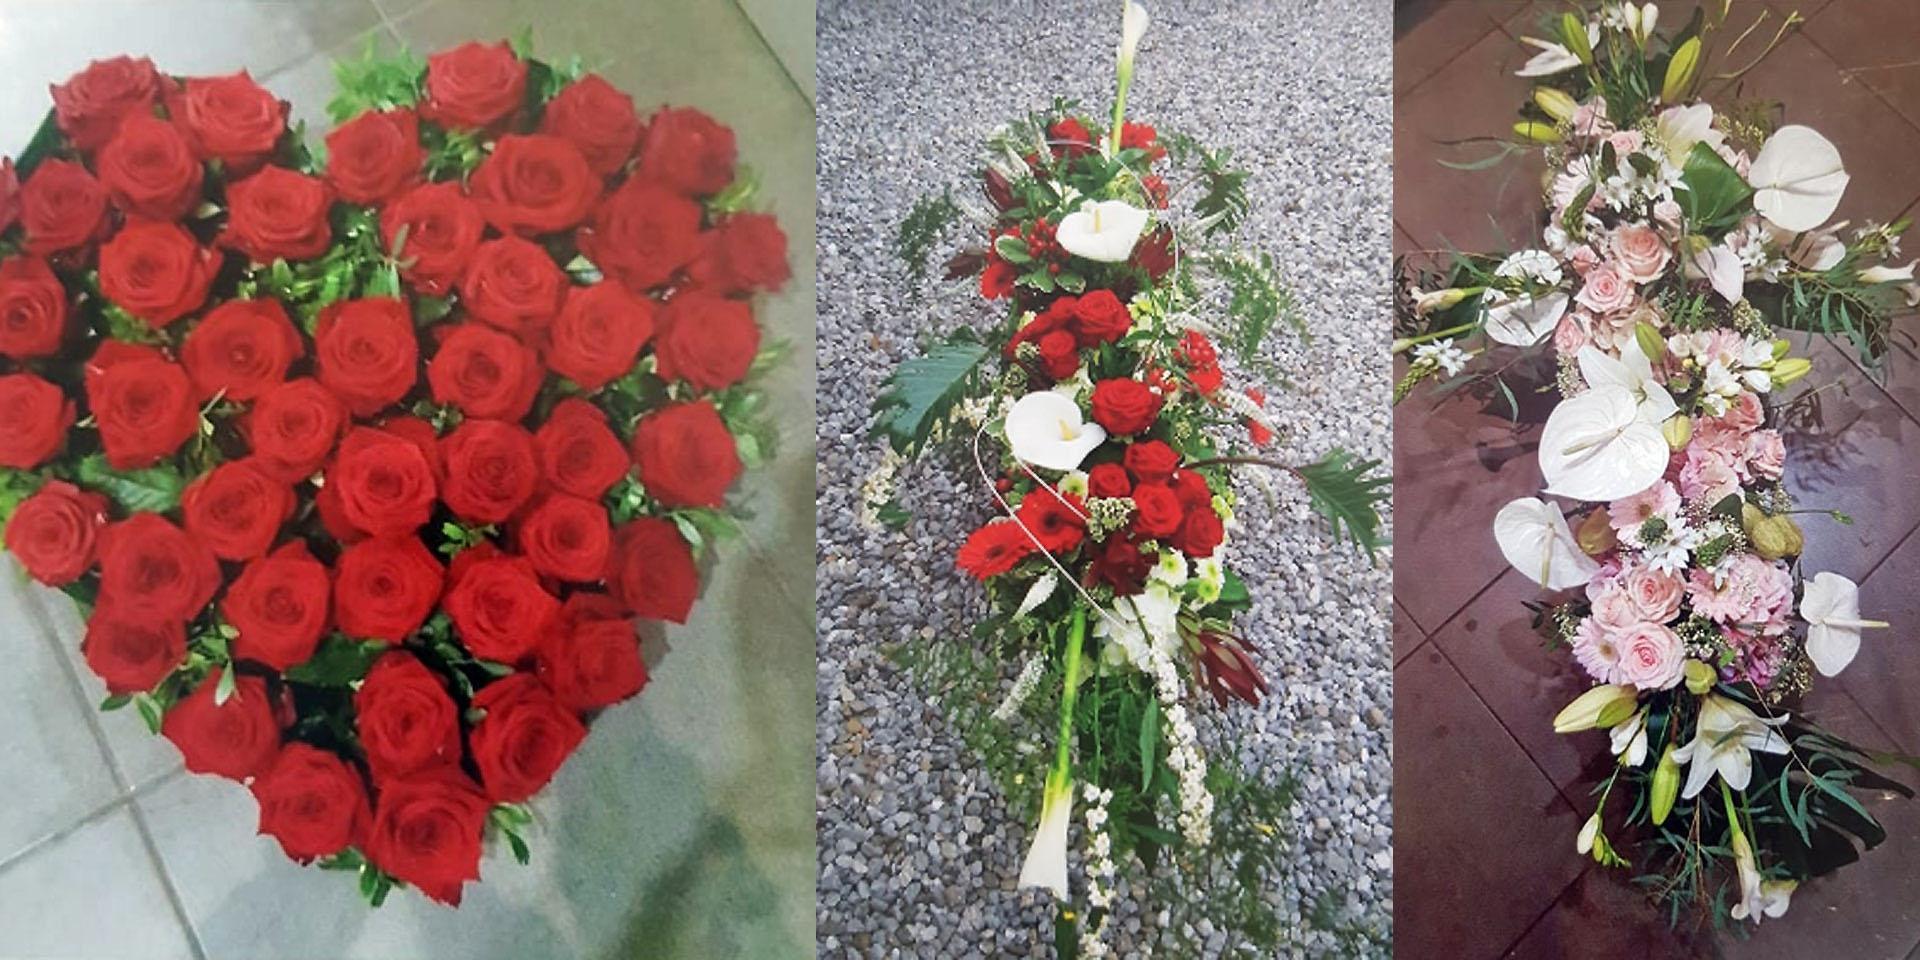 Compositions Florales, garanties en Fleurs fraiches de Saison